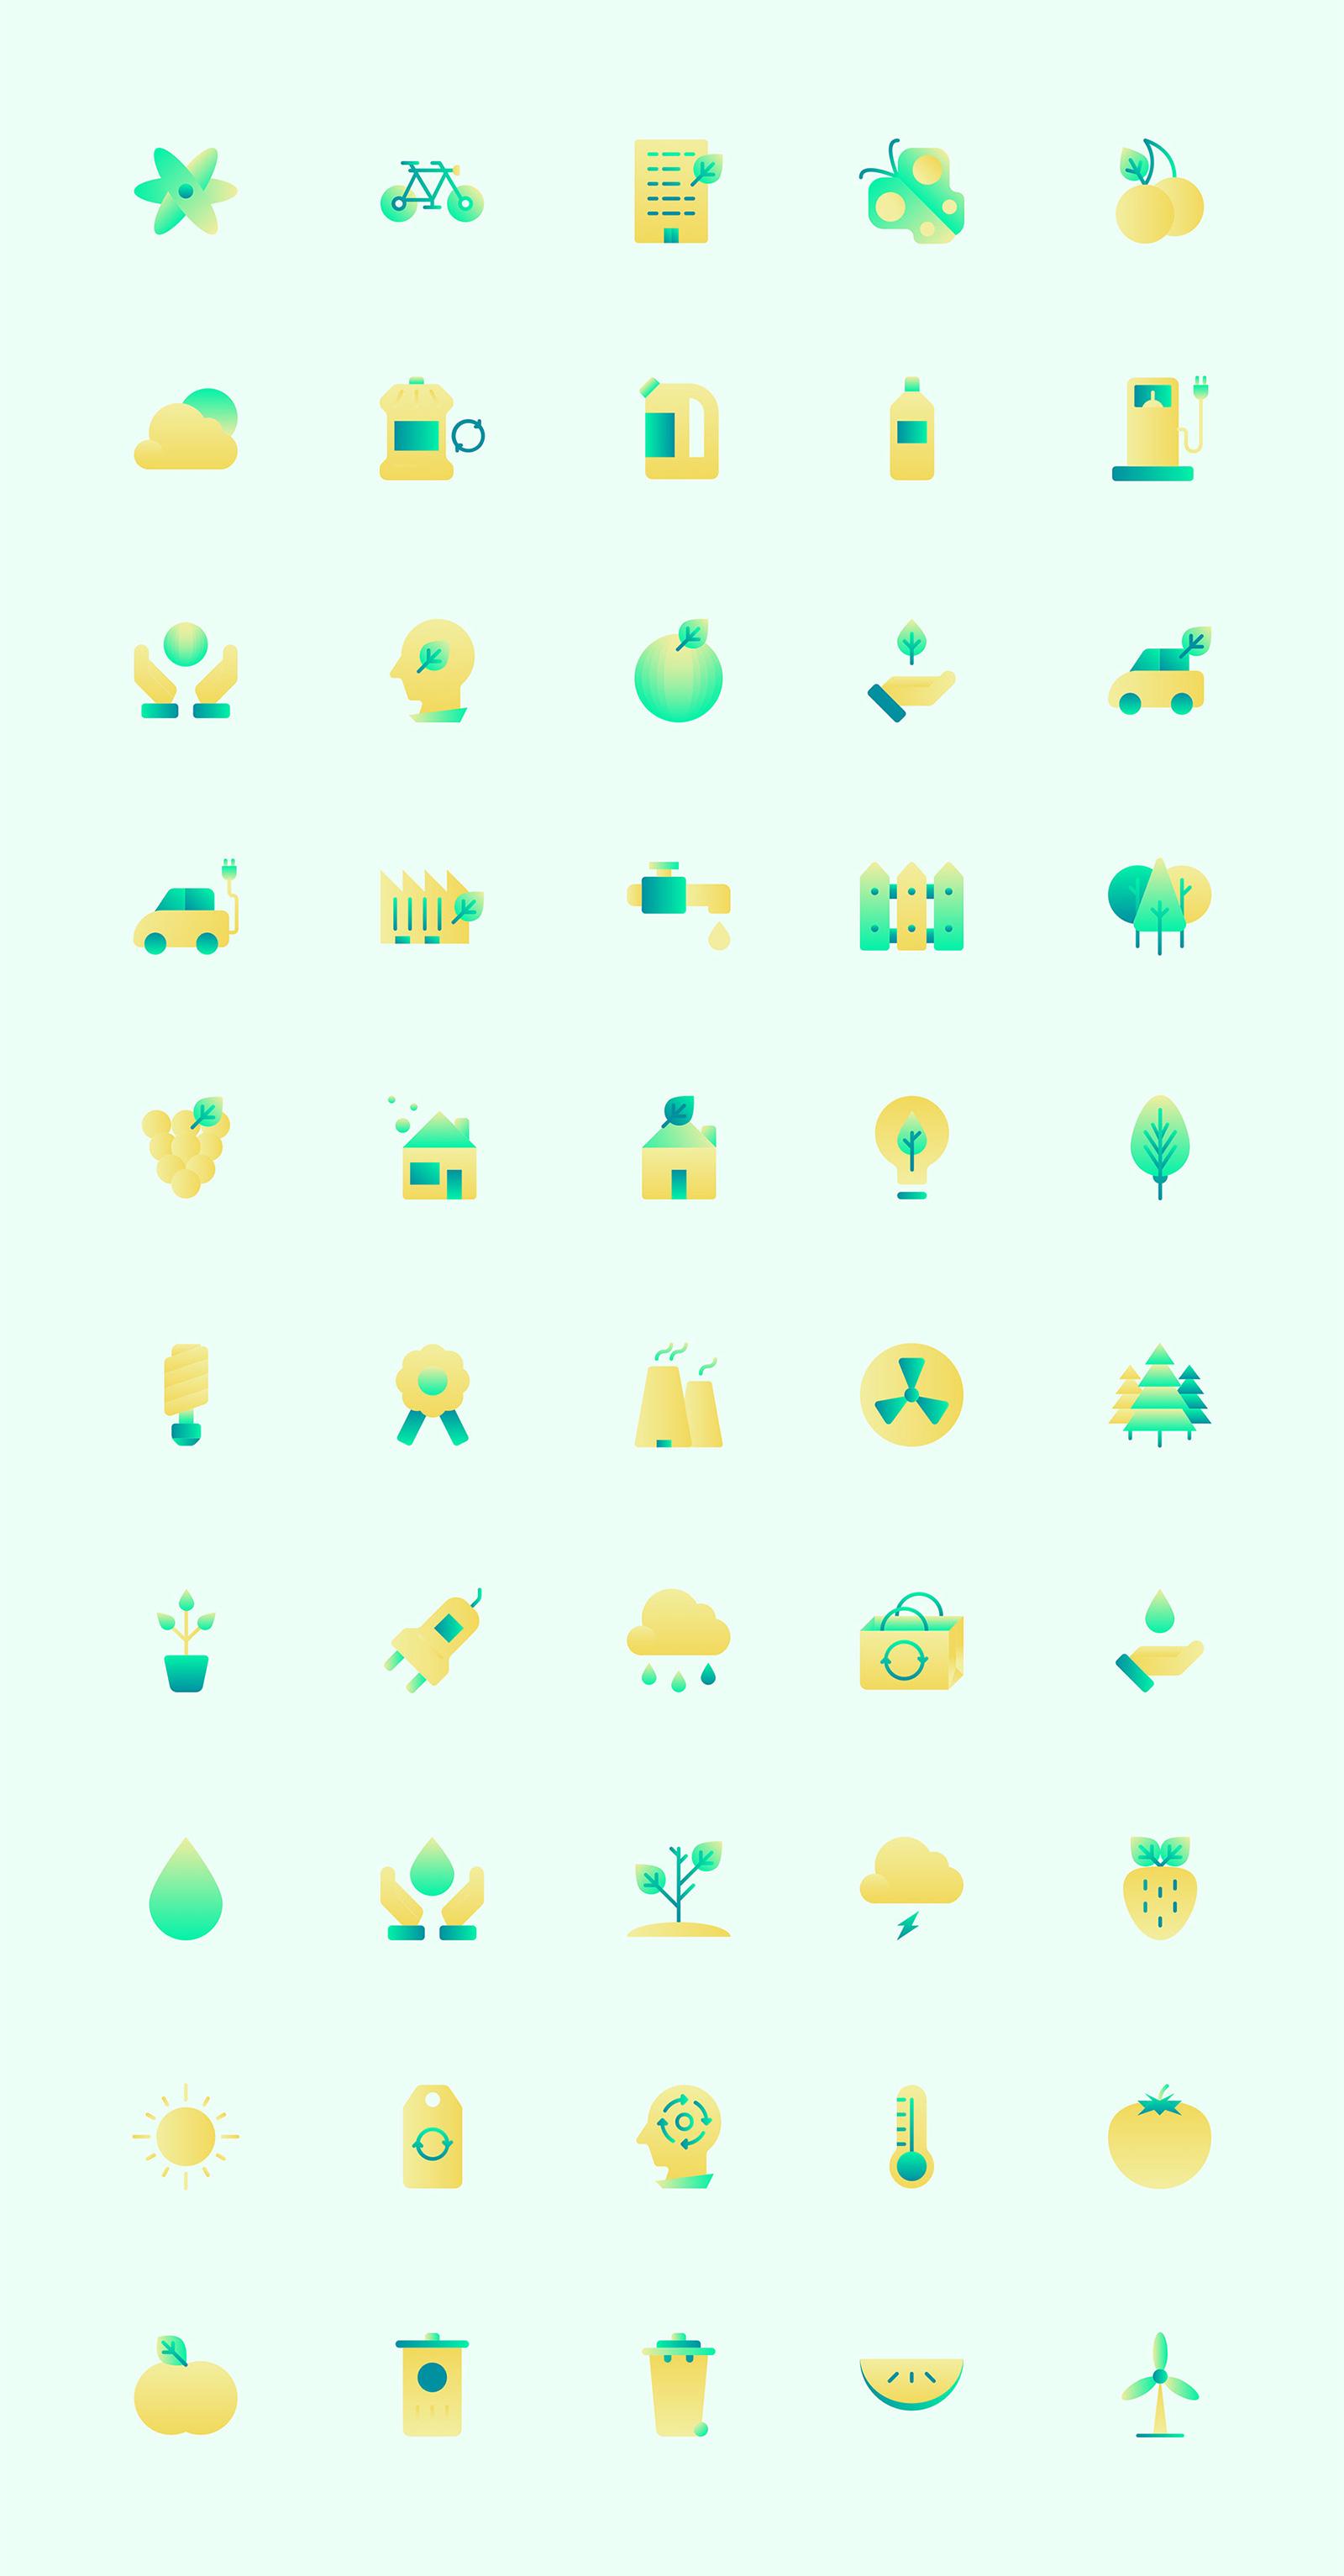 50 个渐变生态环境元素icon图标 sketch素材下载 图标-第1张